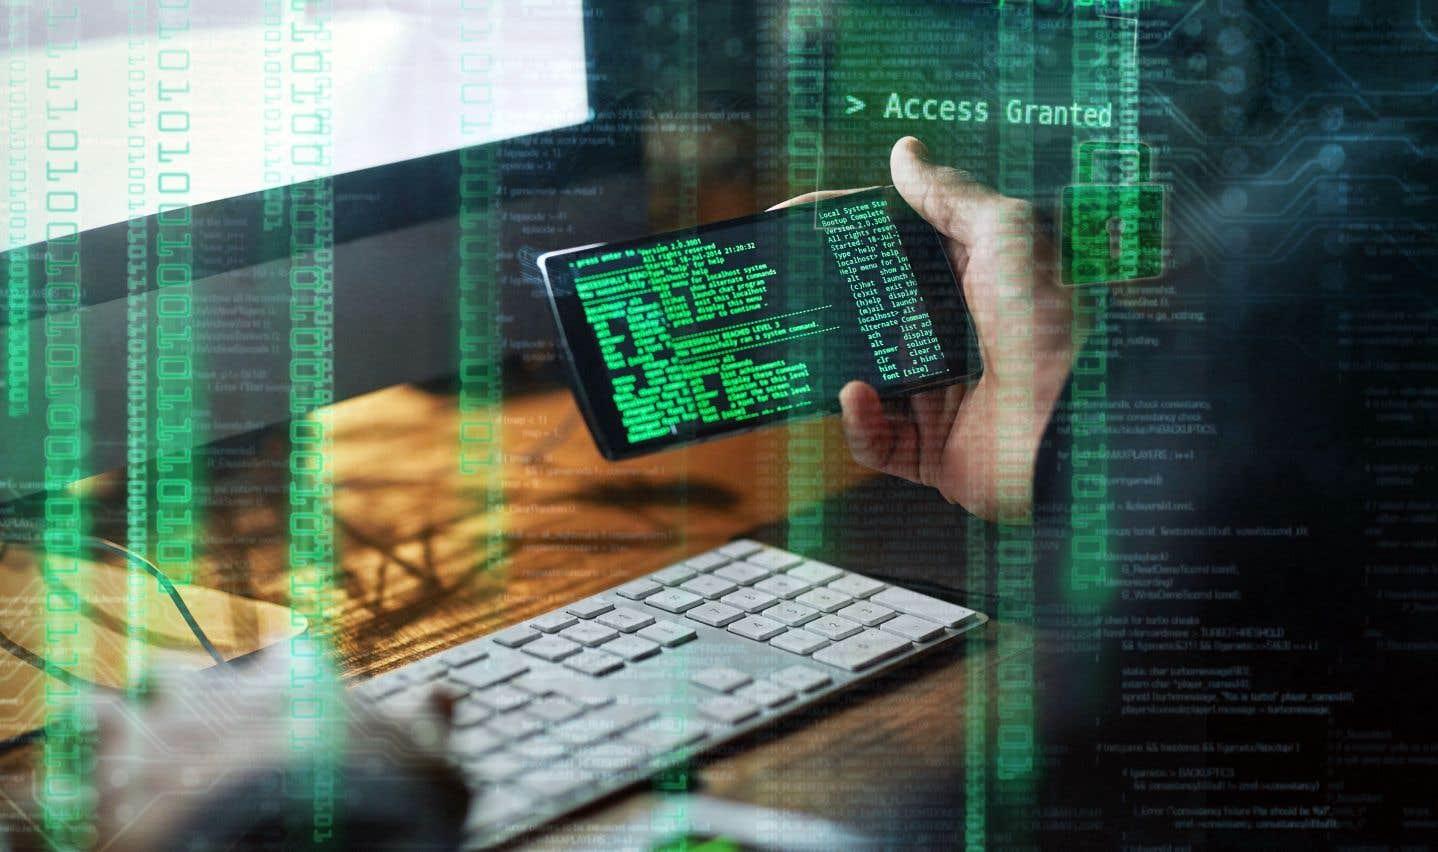 Le risque de cyberattaques ne peut être éliminé et devra être mieux géré